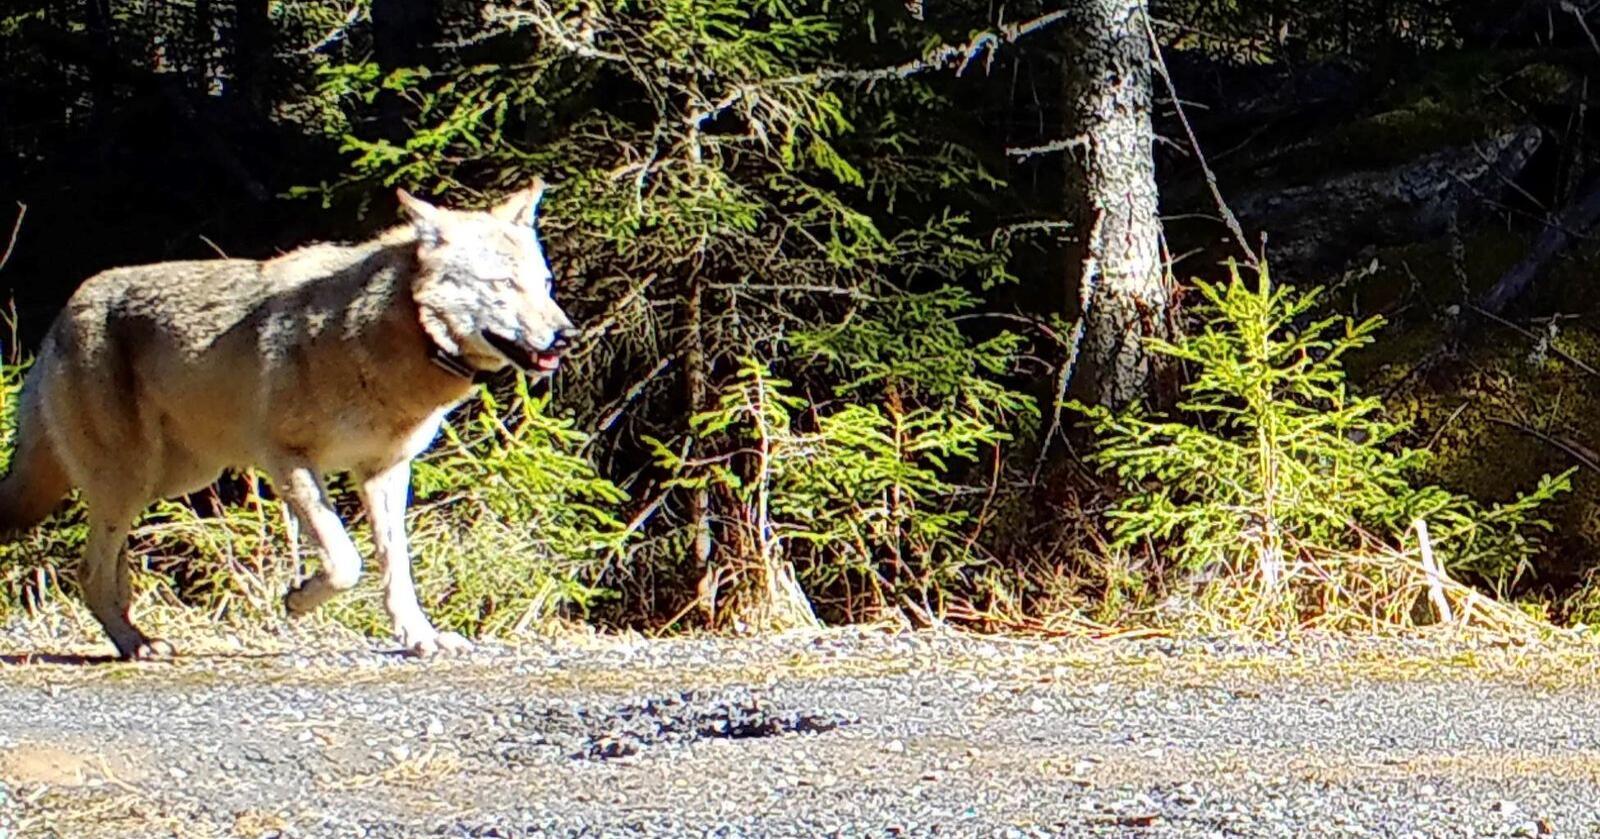 Et viltkamera i Nes kommune fanget opp dette bildet av den GPS-merkede ulven 1. april i år. Miljødirektoratet vil ikke svare på om dette er den genetisk viktige Elgå-ulven. Foto: Nes kommune